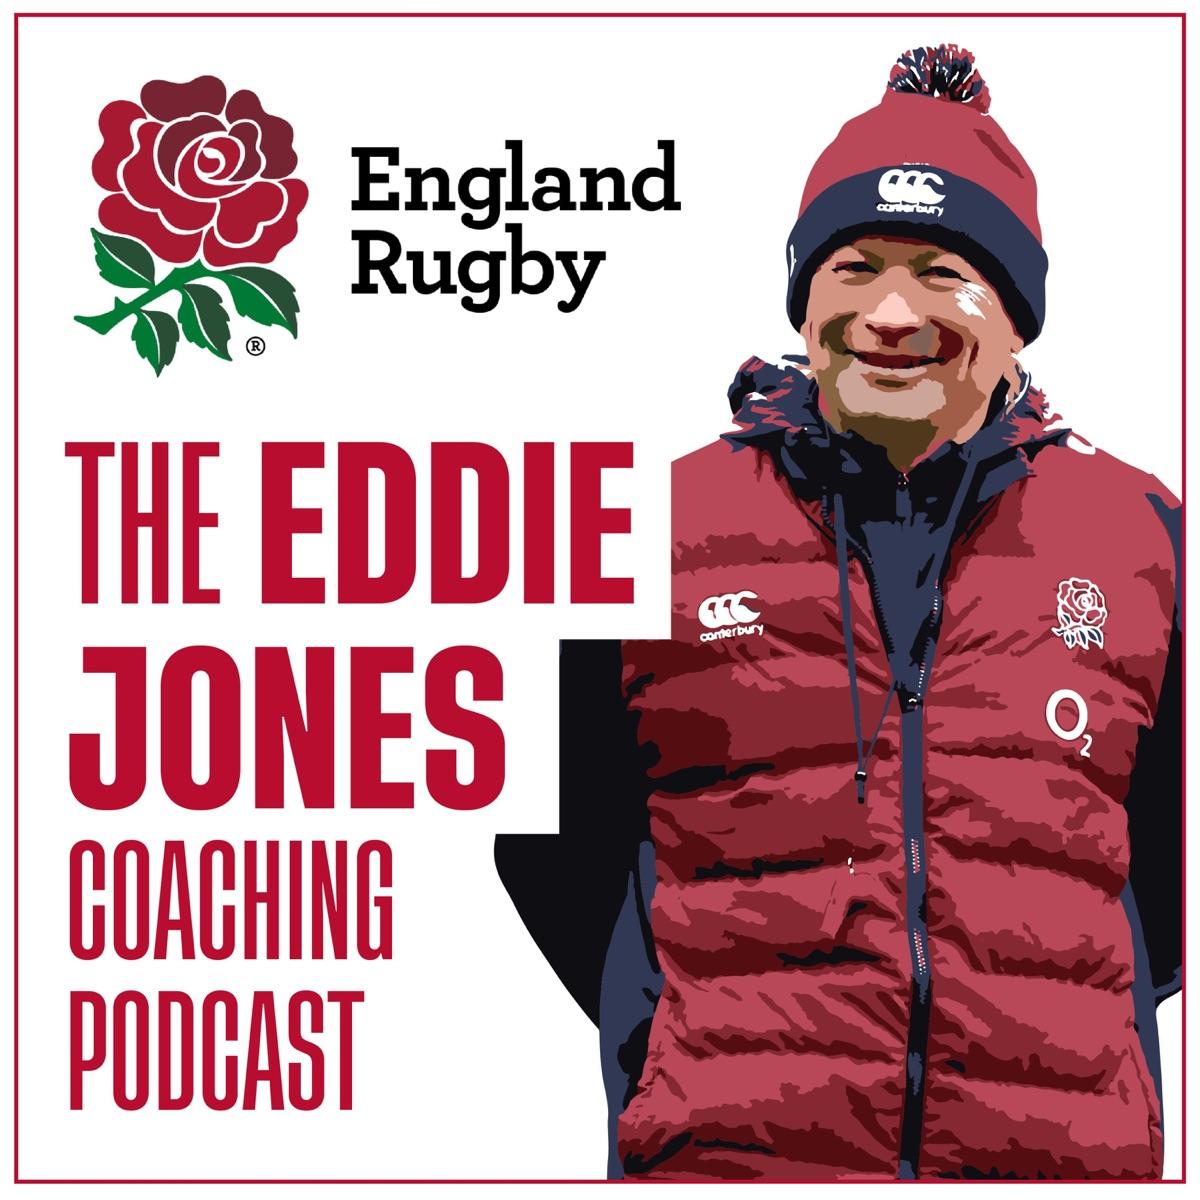 The Eddie Jones Coaching Podcast